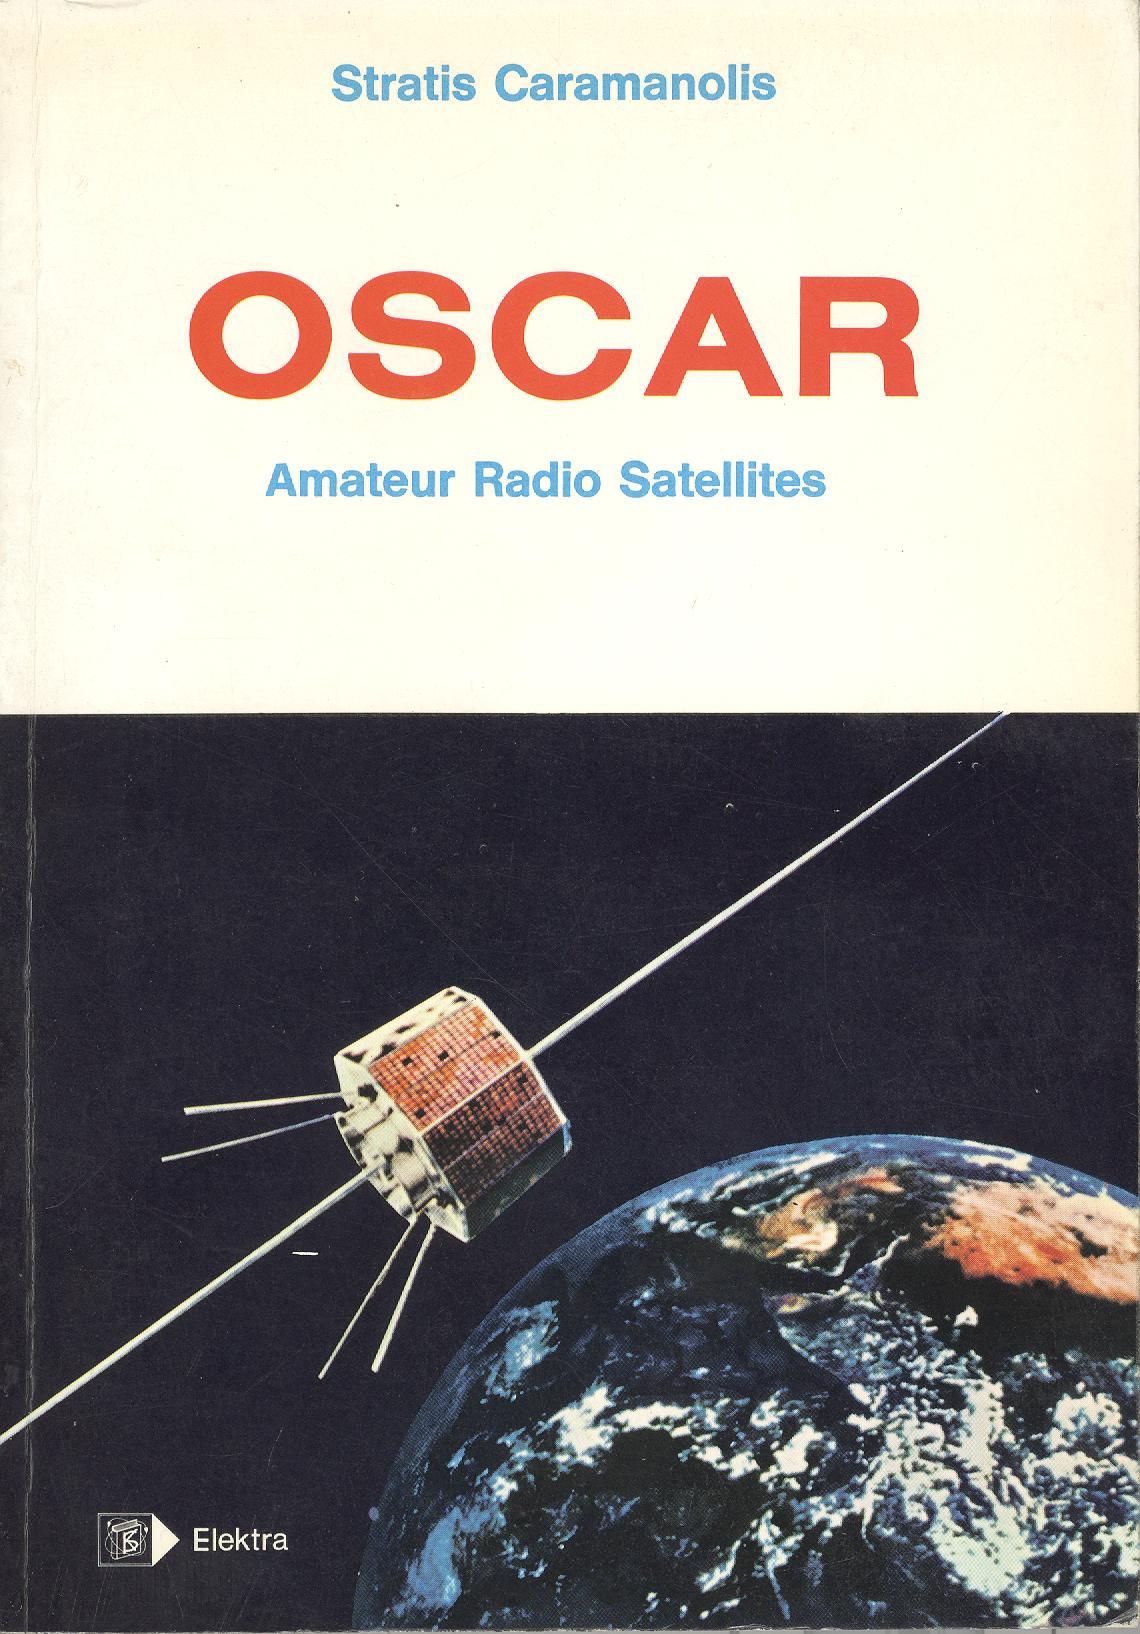 Oscar Amateur Radio Satellites